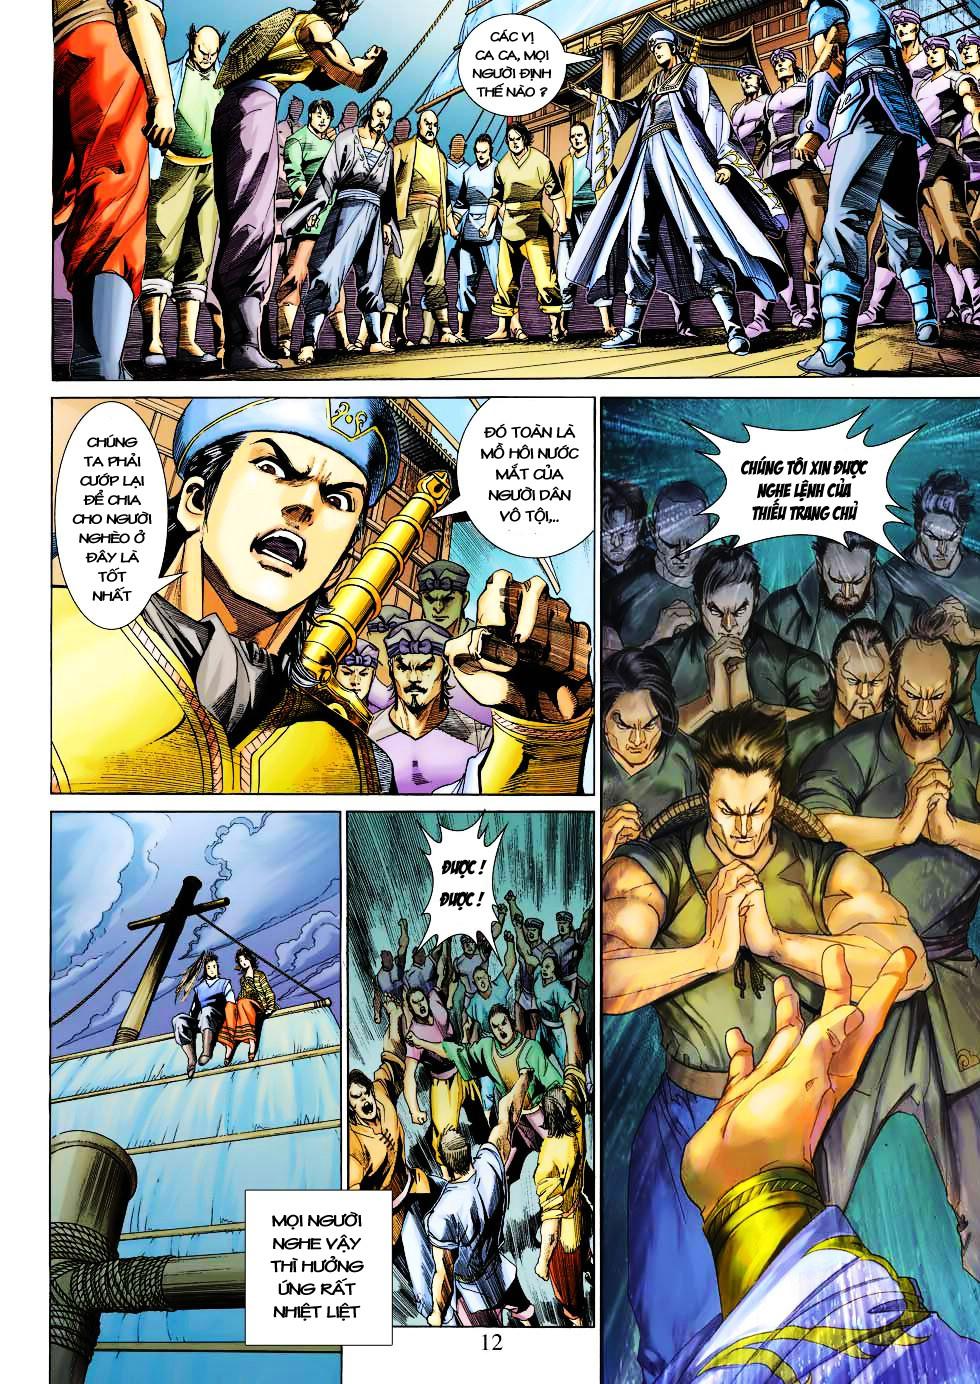 Anh Hùng Xạ Điêu anh hùng xạ đêu chap 27 trang 12